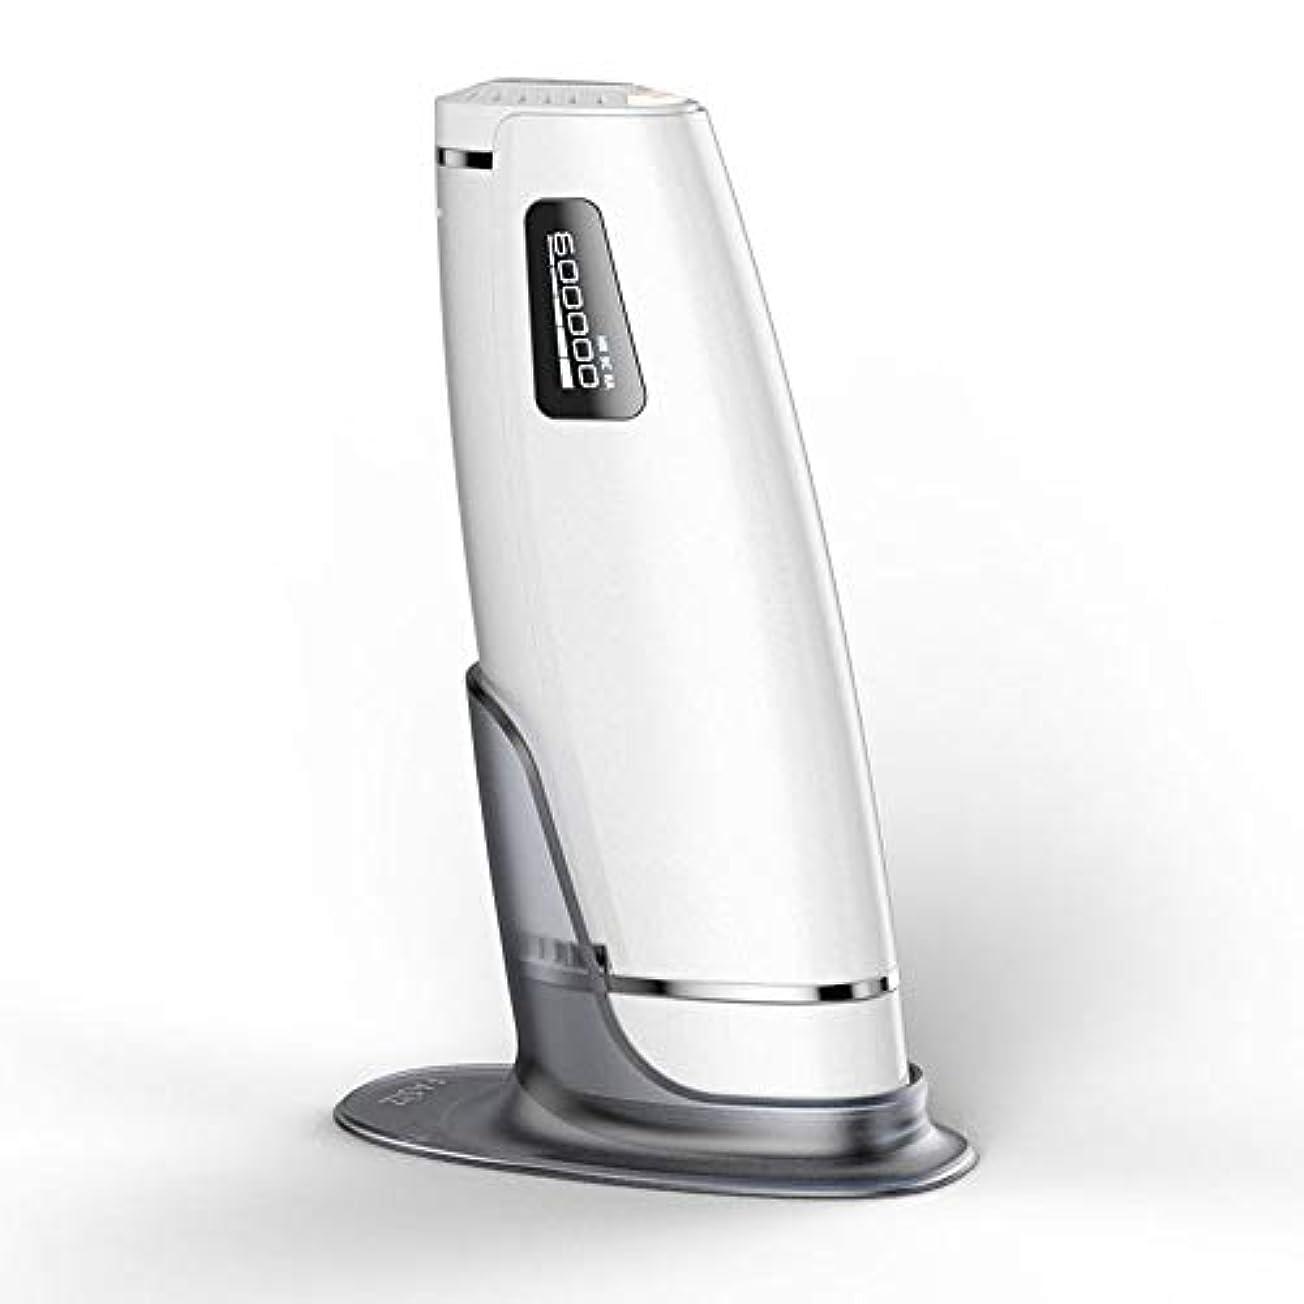 スキャンダルテーマ時間とともにダパイ 家庭用自動痛みのない毛の除去剤、白、携帯用永久的な毛の除去剤、二重モード、5つの速度調節、サイズ20.5 X 4.5 X 7 Cm U546